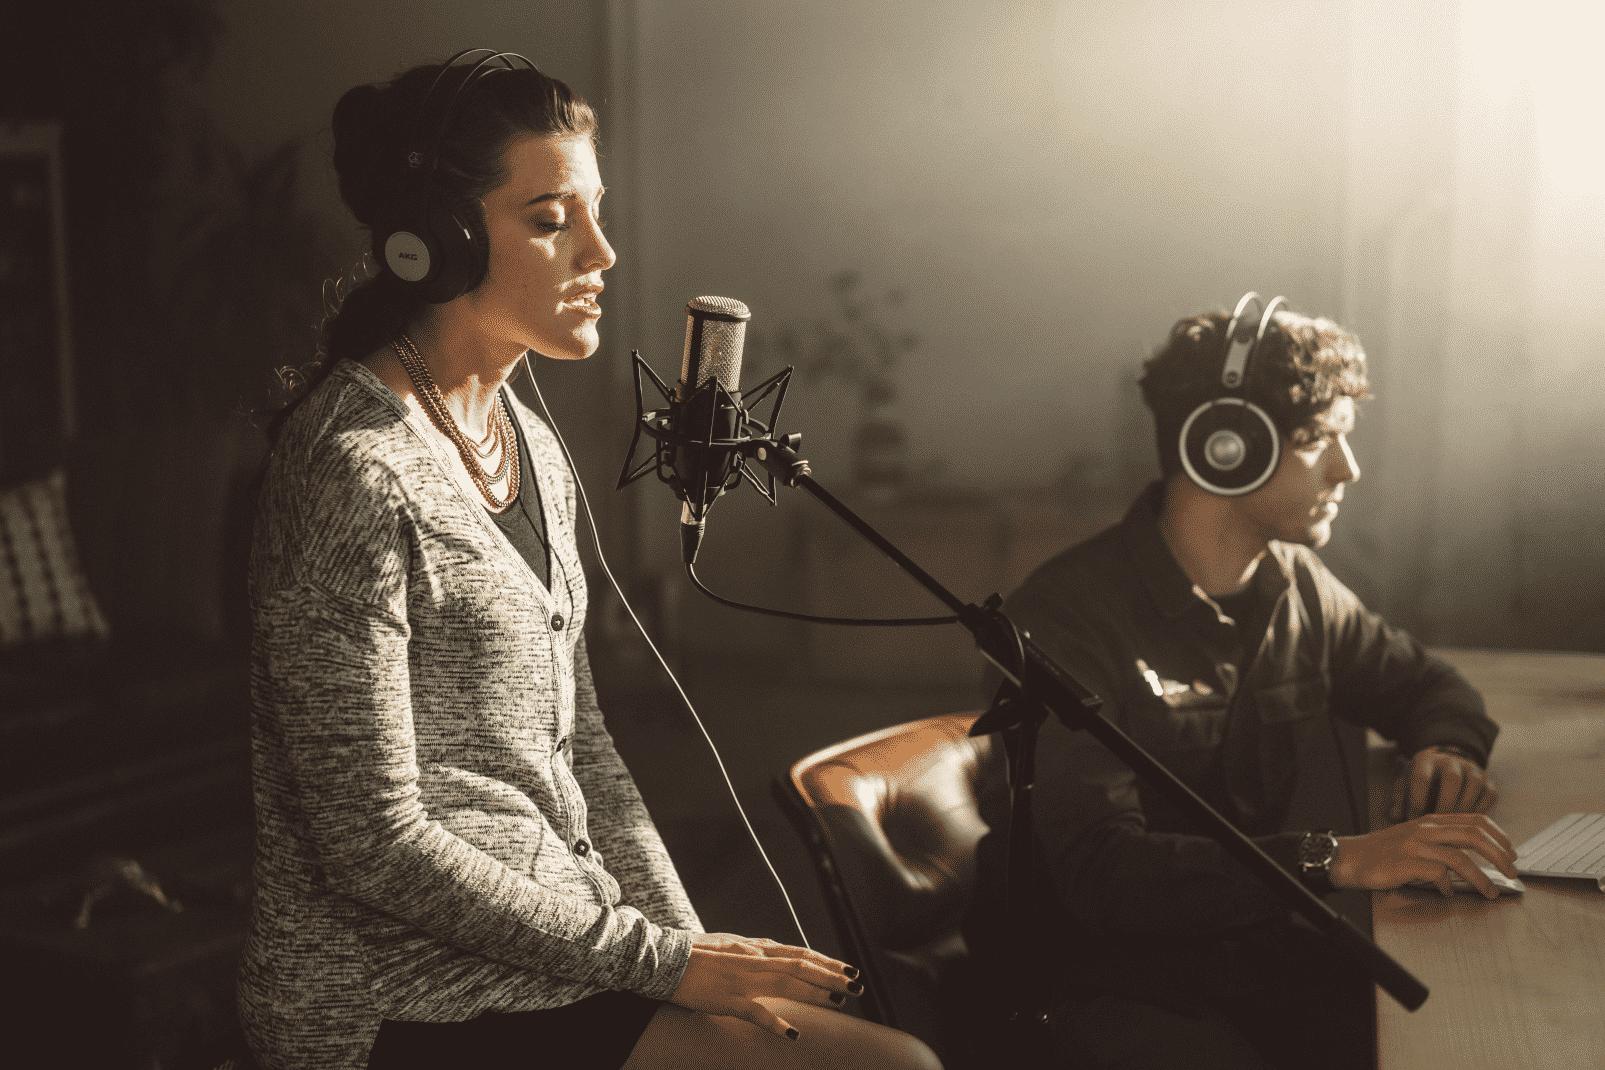 AKG P420 est fait pour mixer l'enregistrement studio.